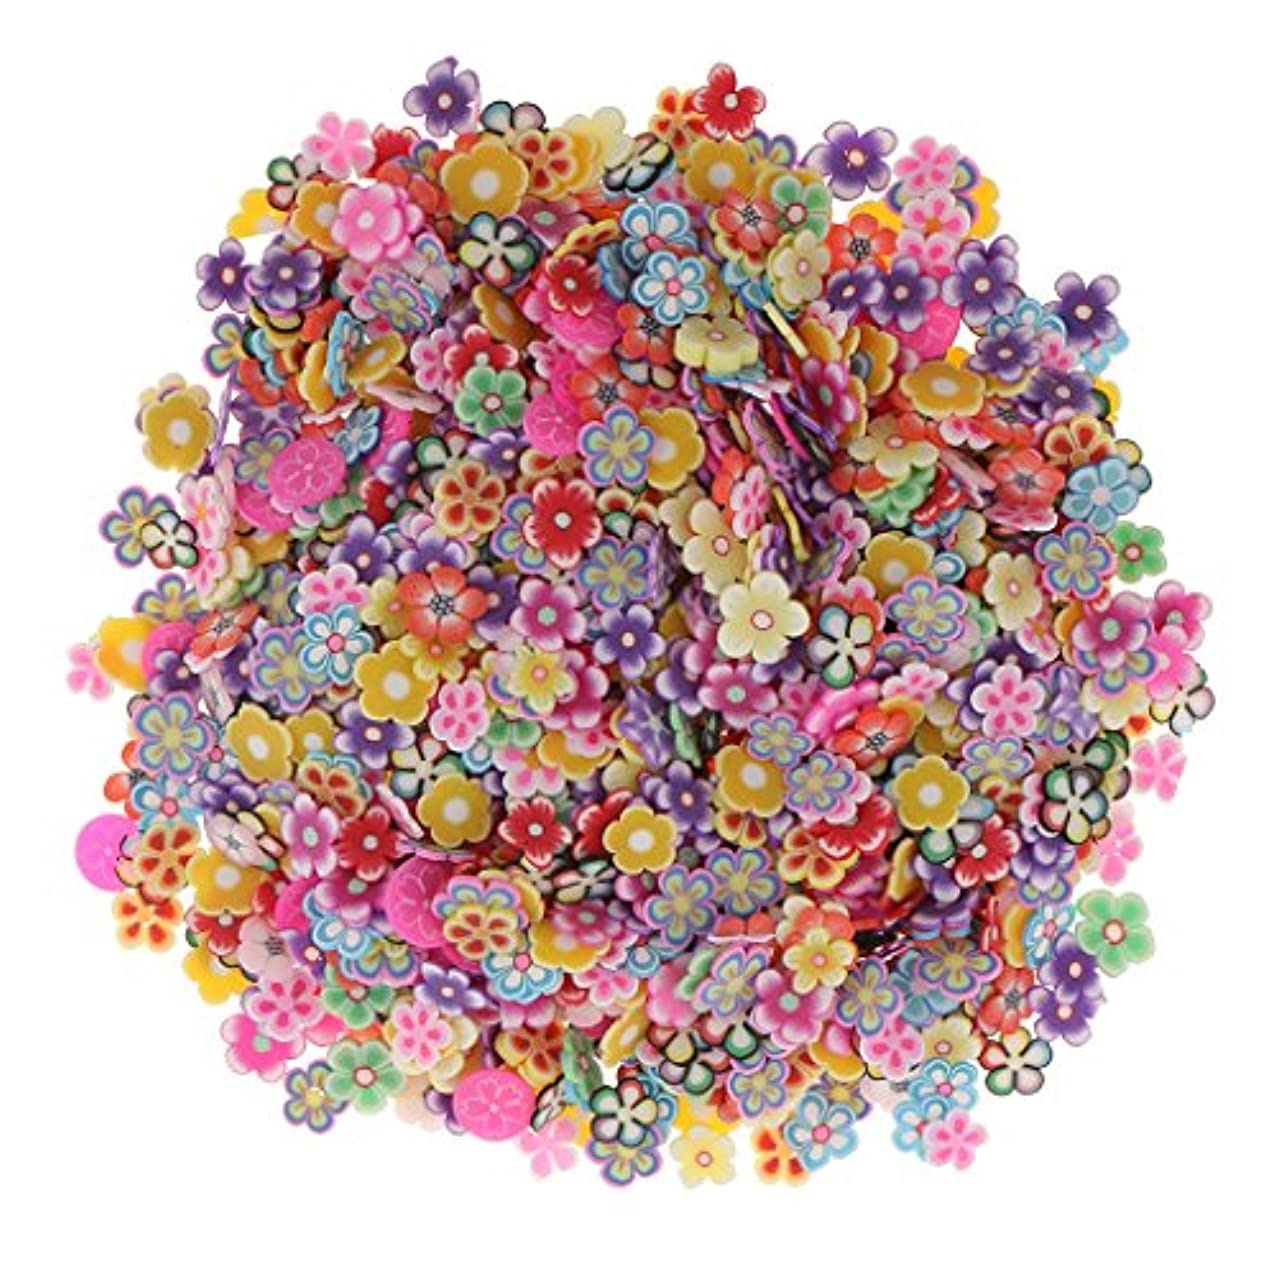 Sharplace 約1000個入り ネイルアート 3D花 フラワー DIY 手作り デコレーション